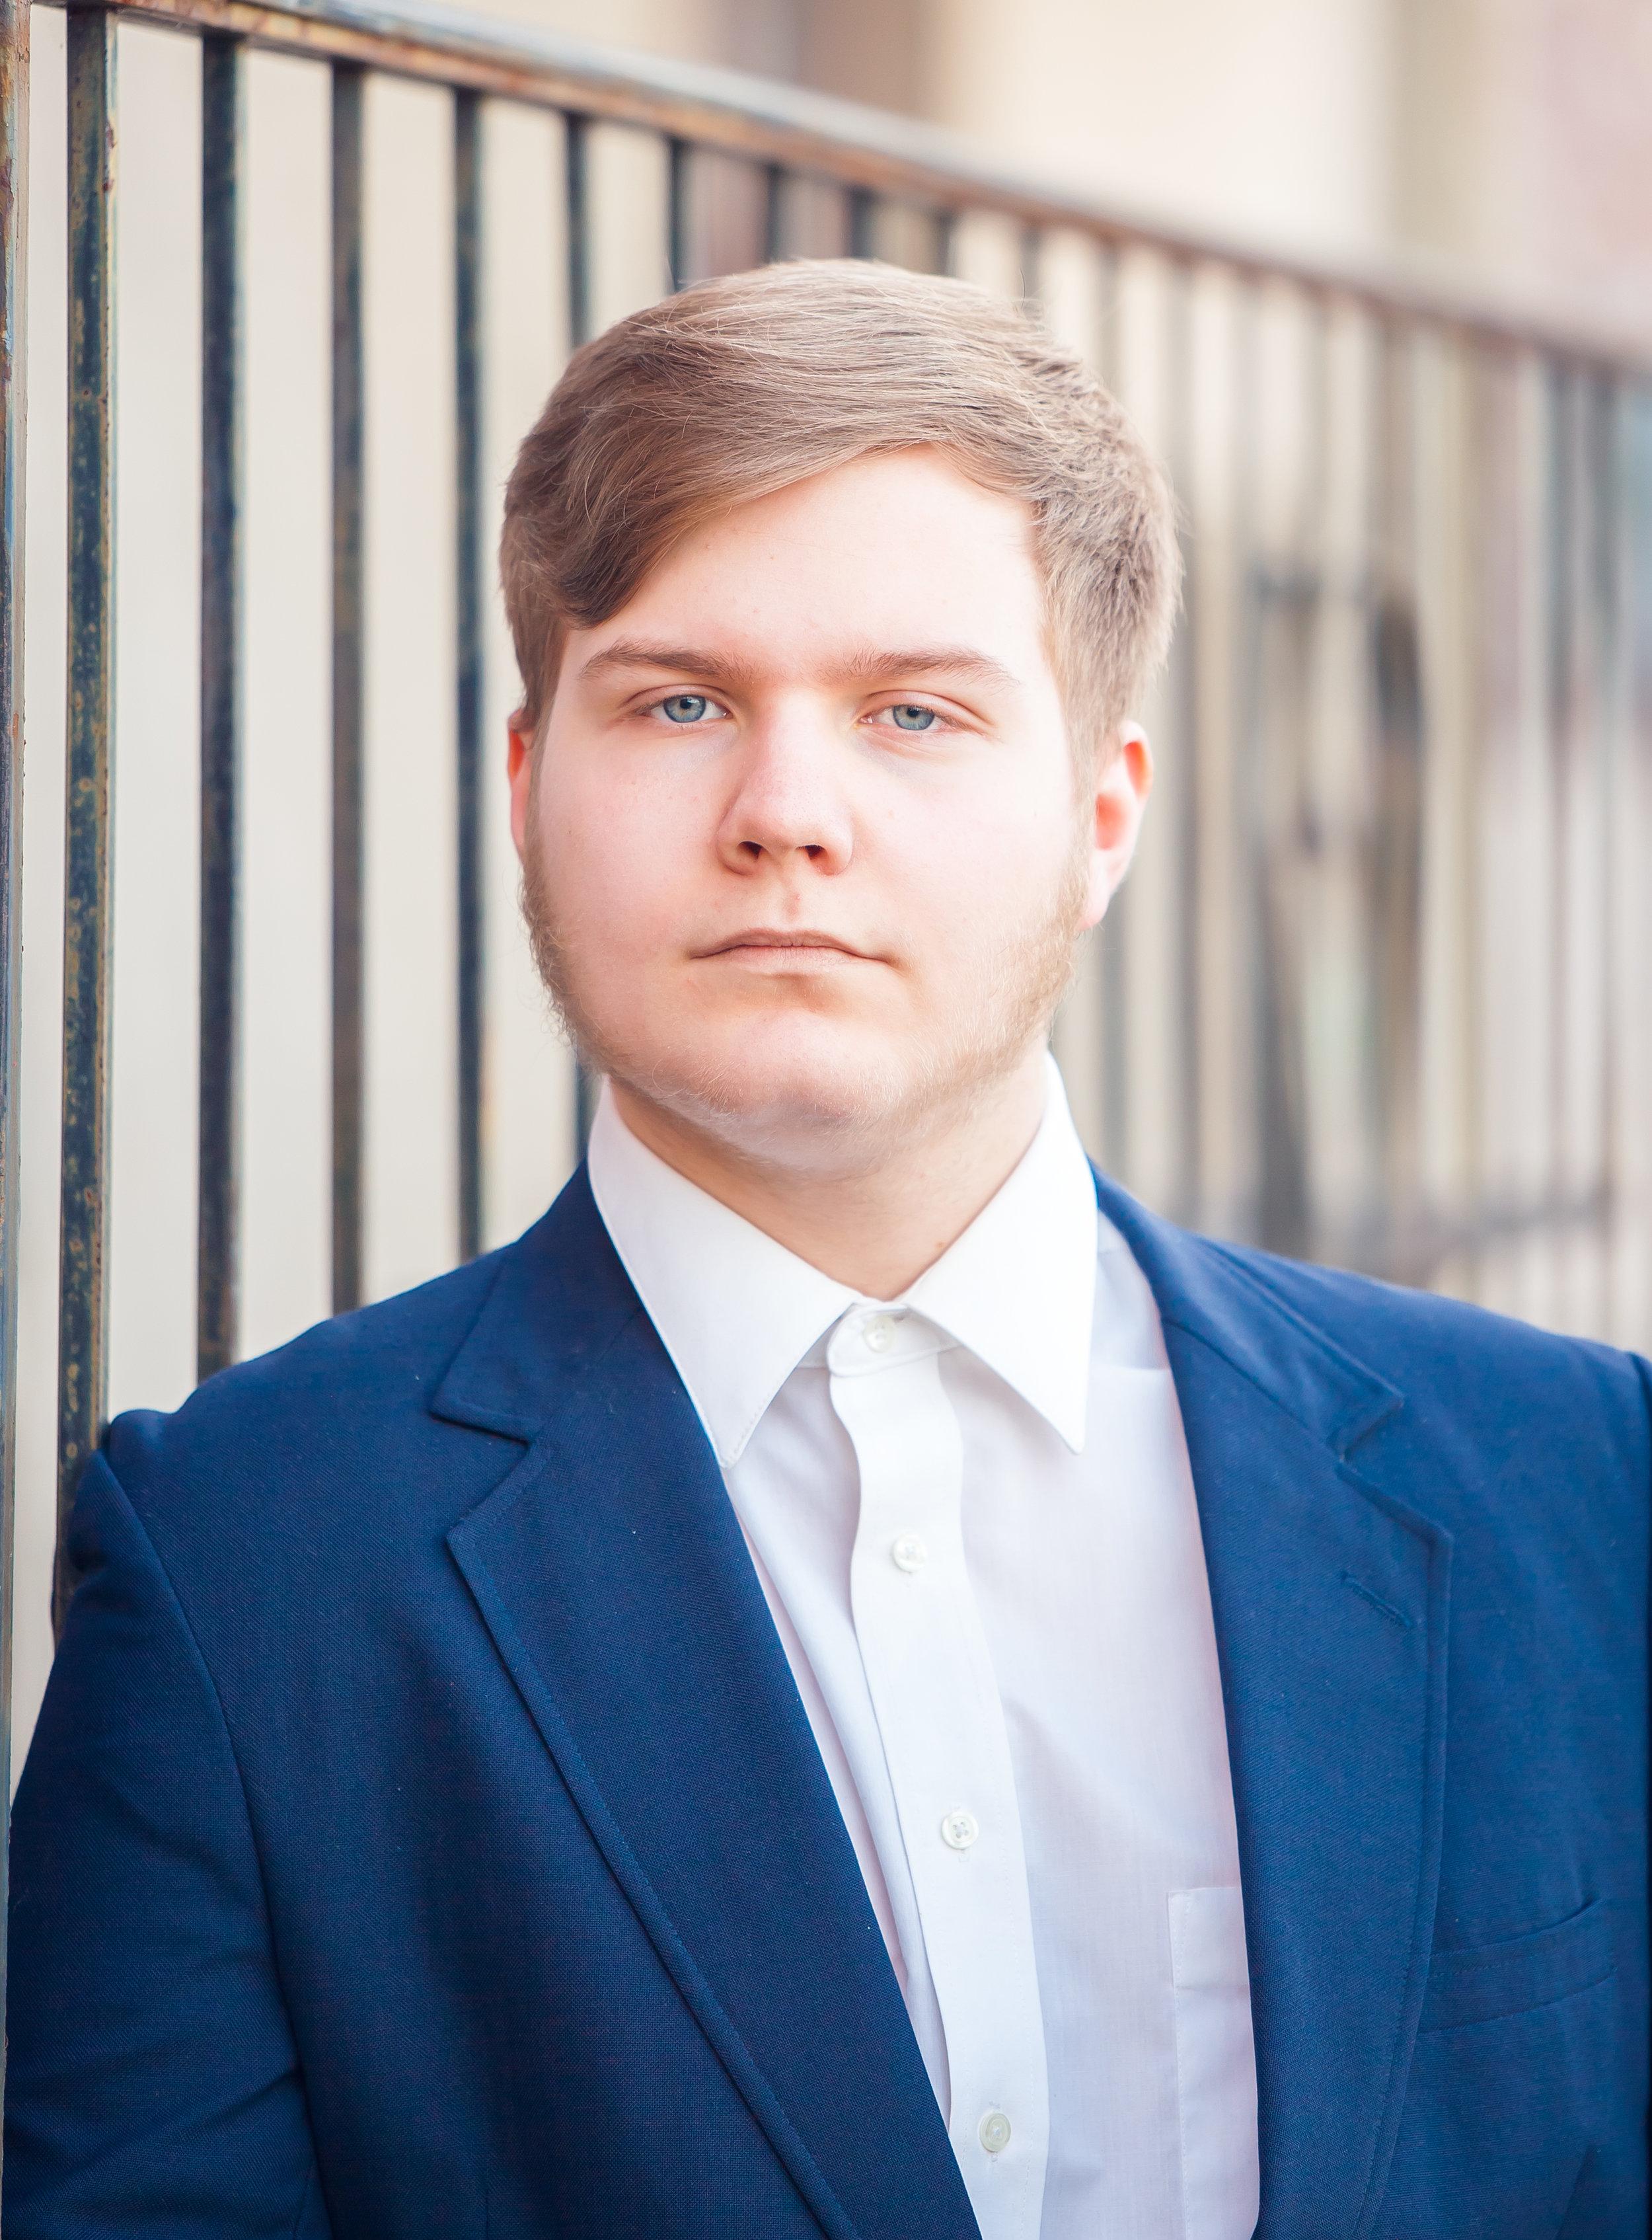 Dalton - Actor